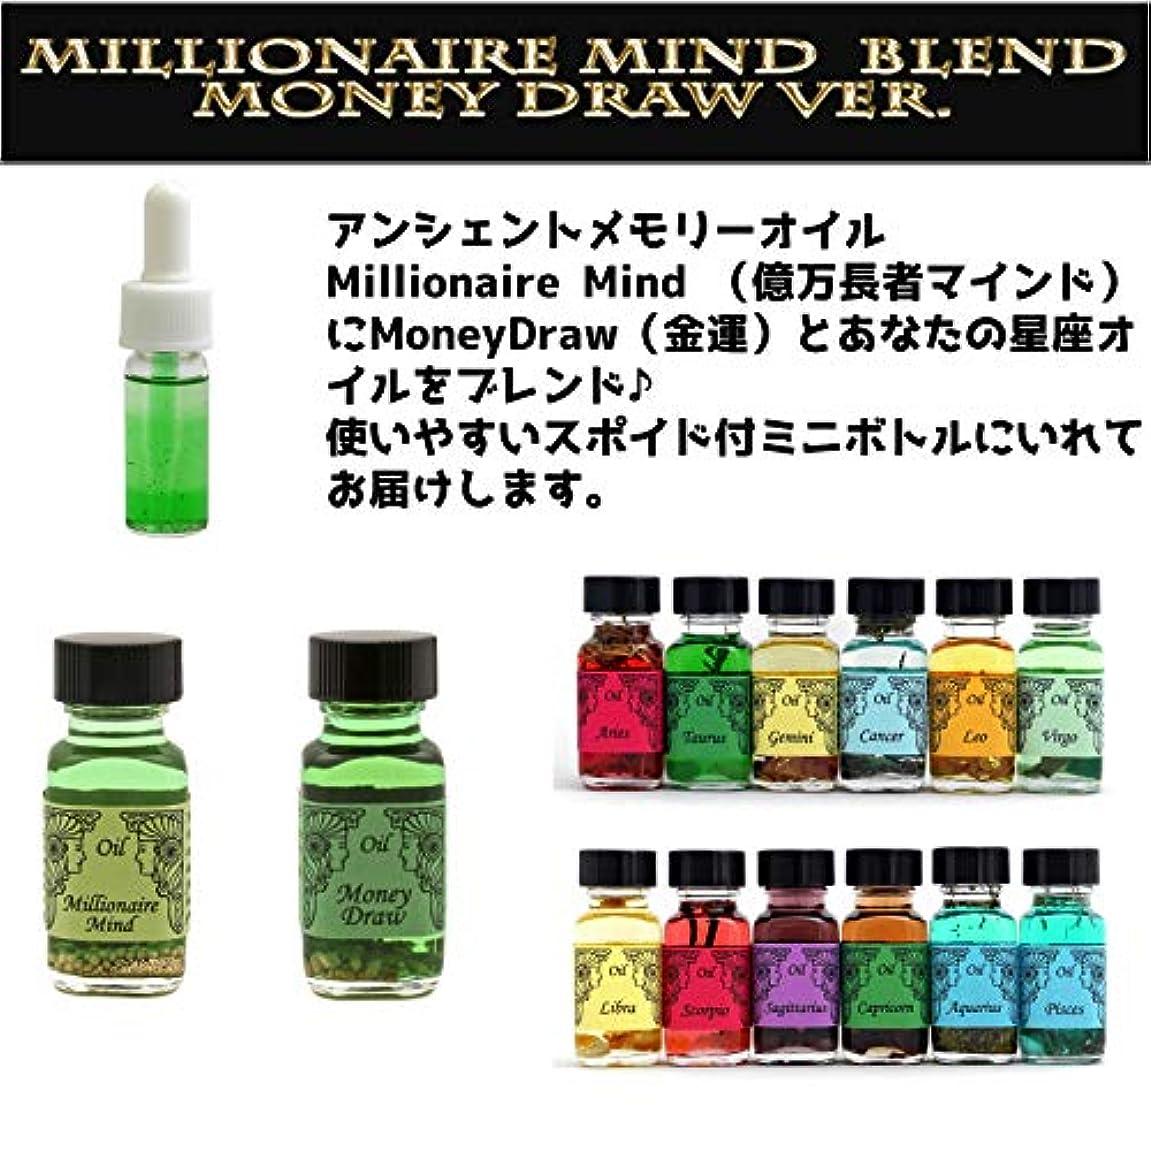 アンシェントメモリーオイル Millionaire Mind 億万長者マインド ブレンド(Money Drawマネードロー(金運)&てんびん座